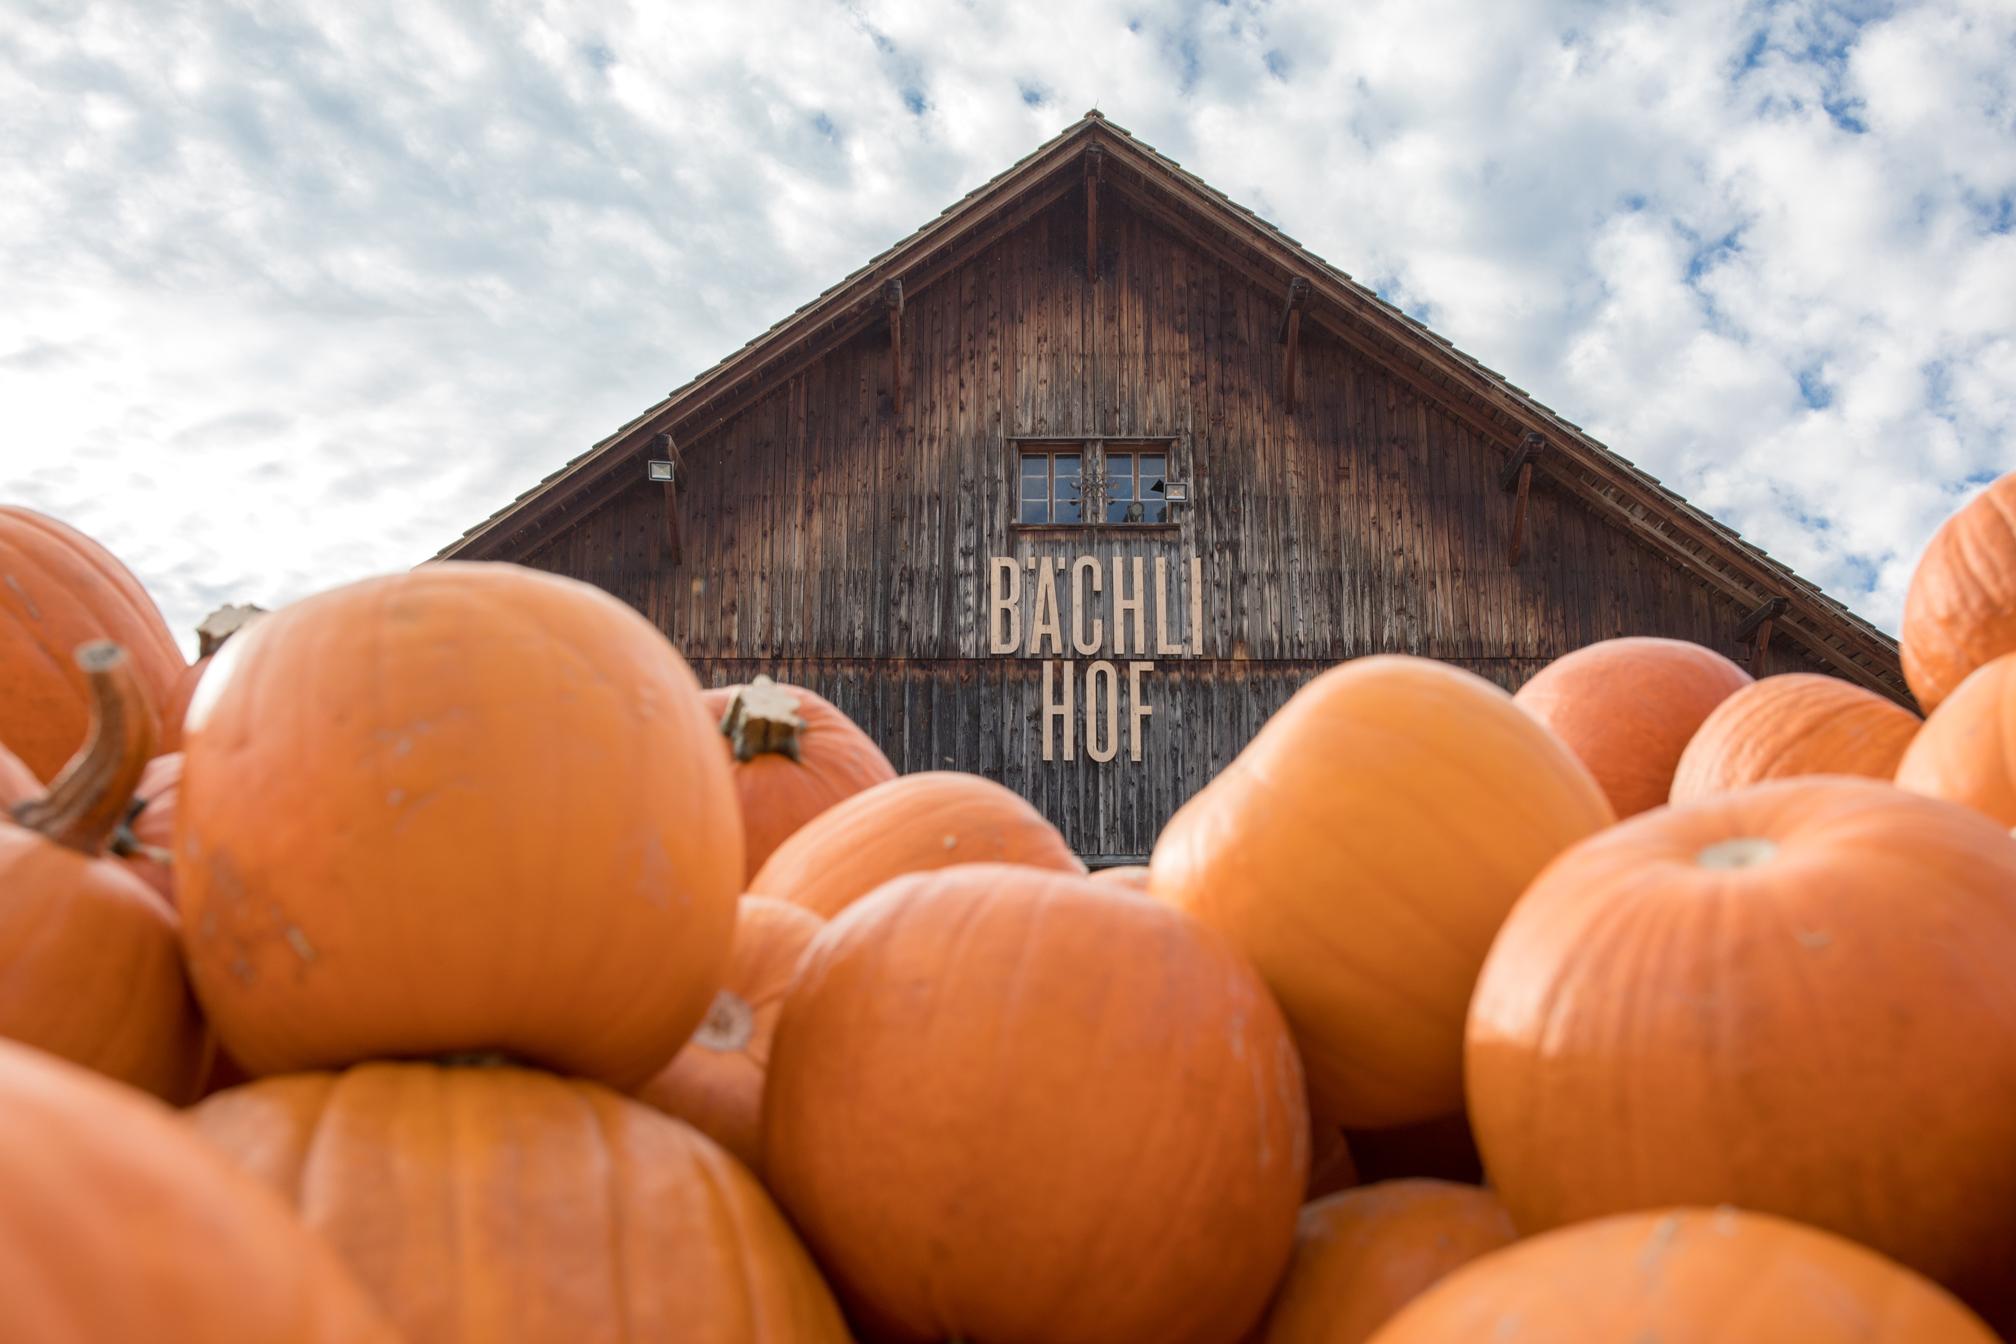 Bächlihof, Jucker Farm in Rapperswil-Jona, Switzerland — Something Swiss